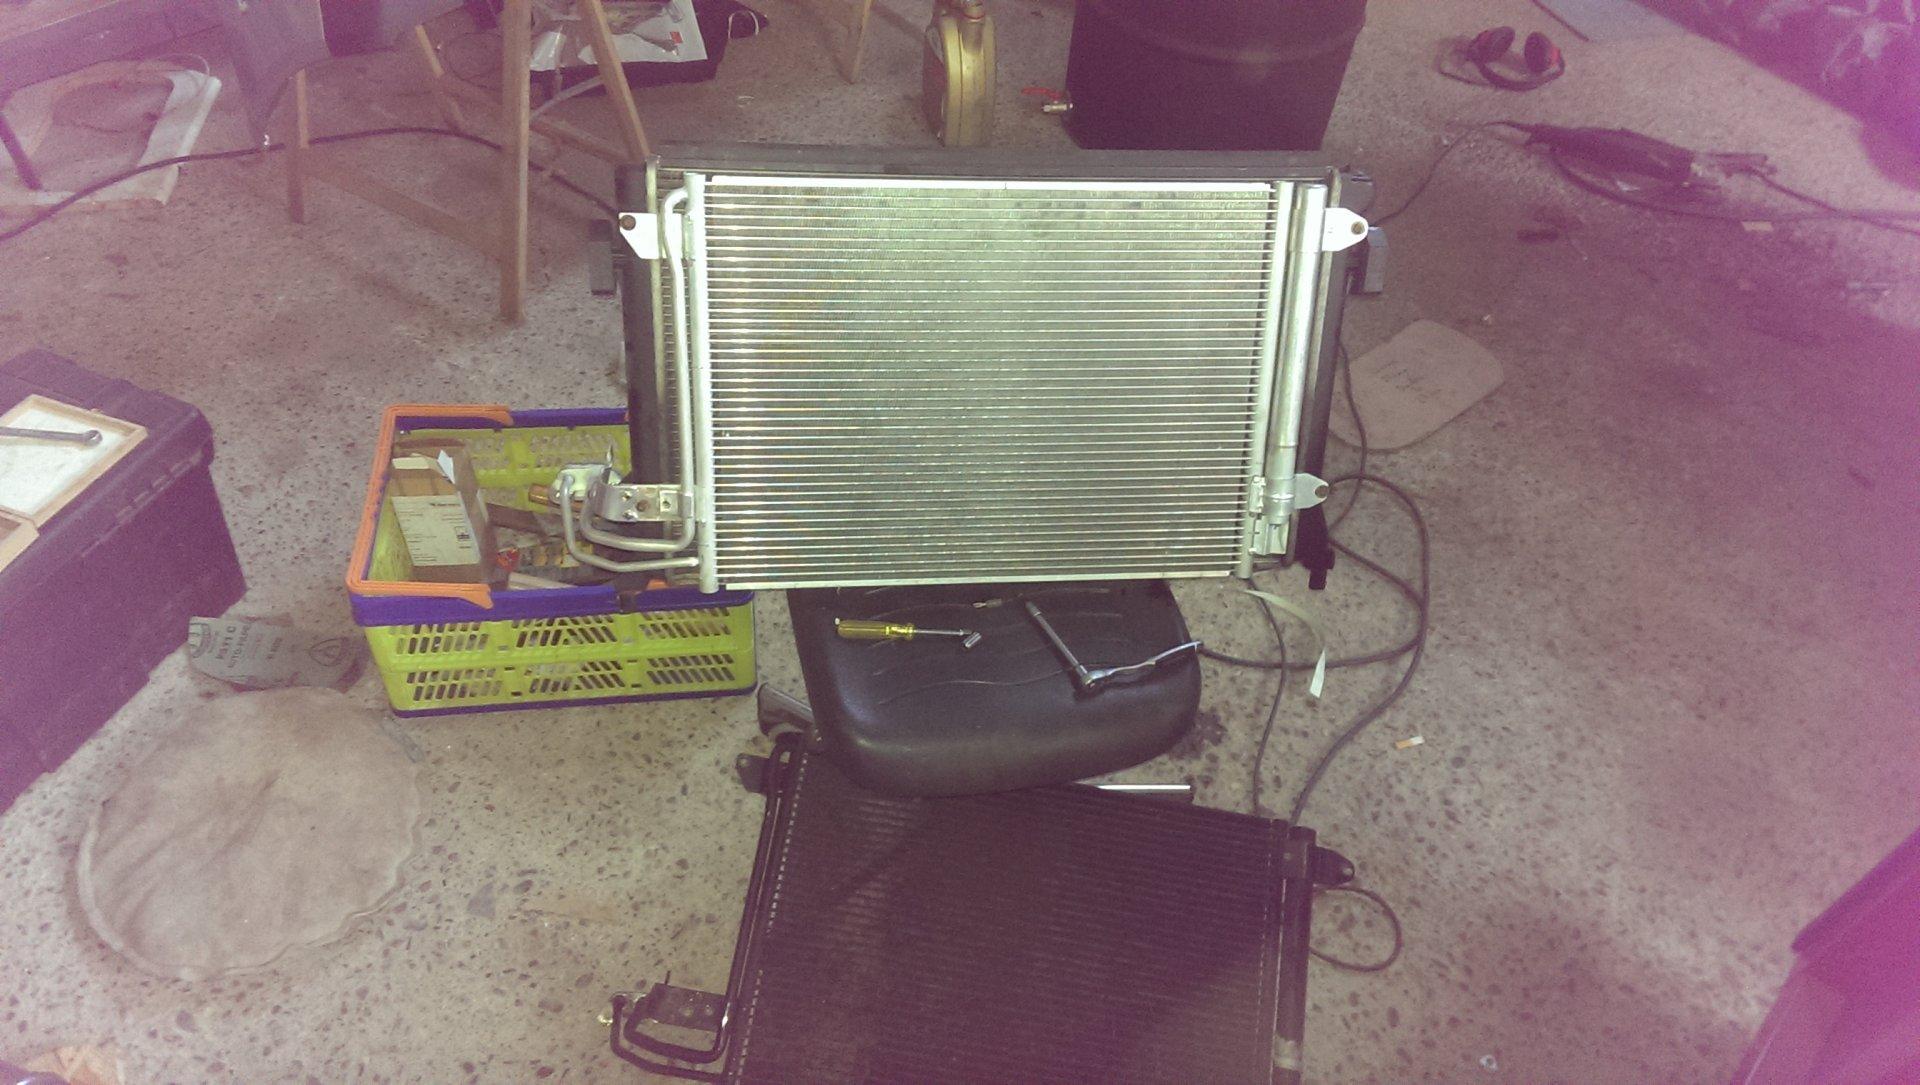 Klima kondensator ausbauen